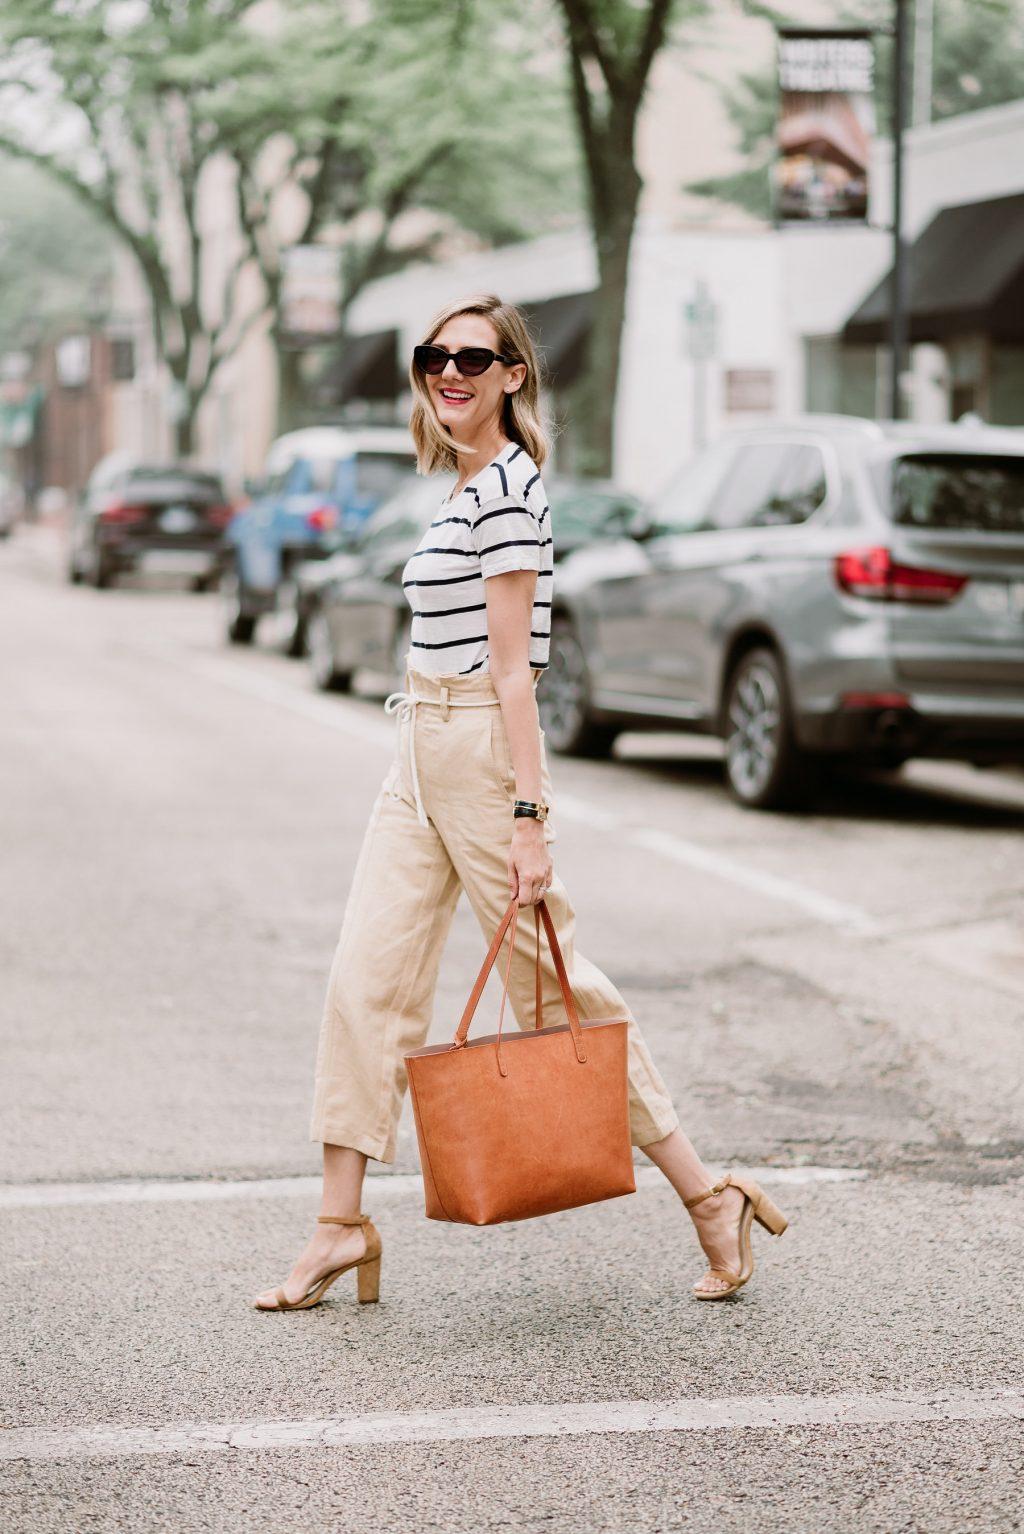 trang phục linen - quần ống suông và áo thun kẻ ngang